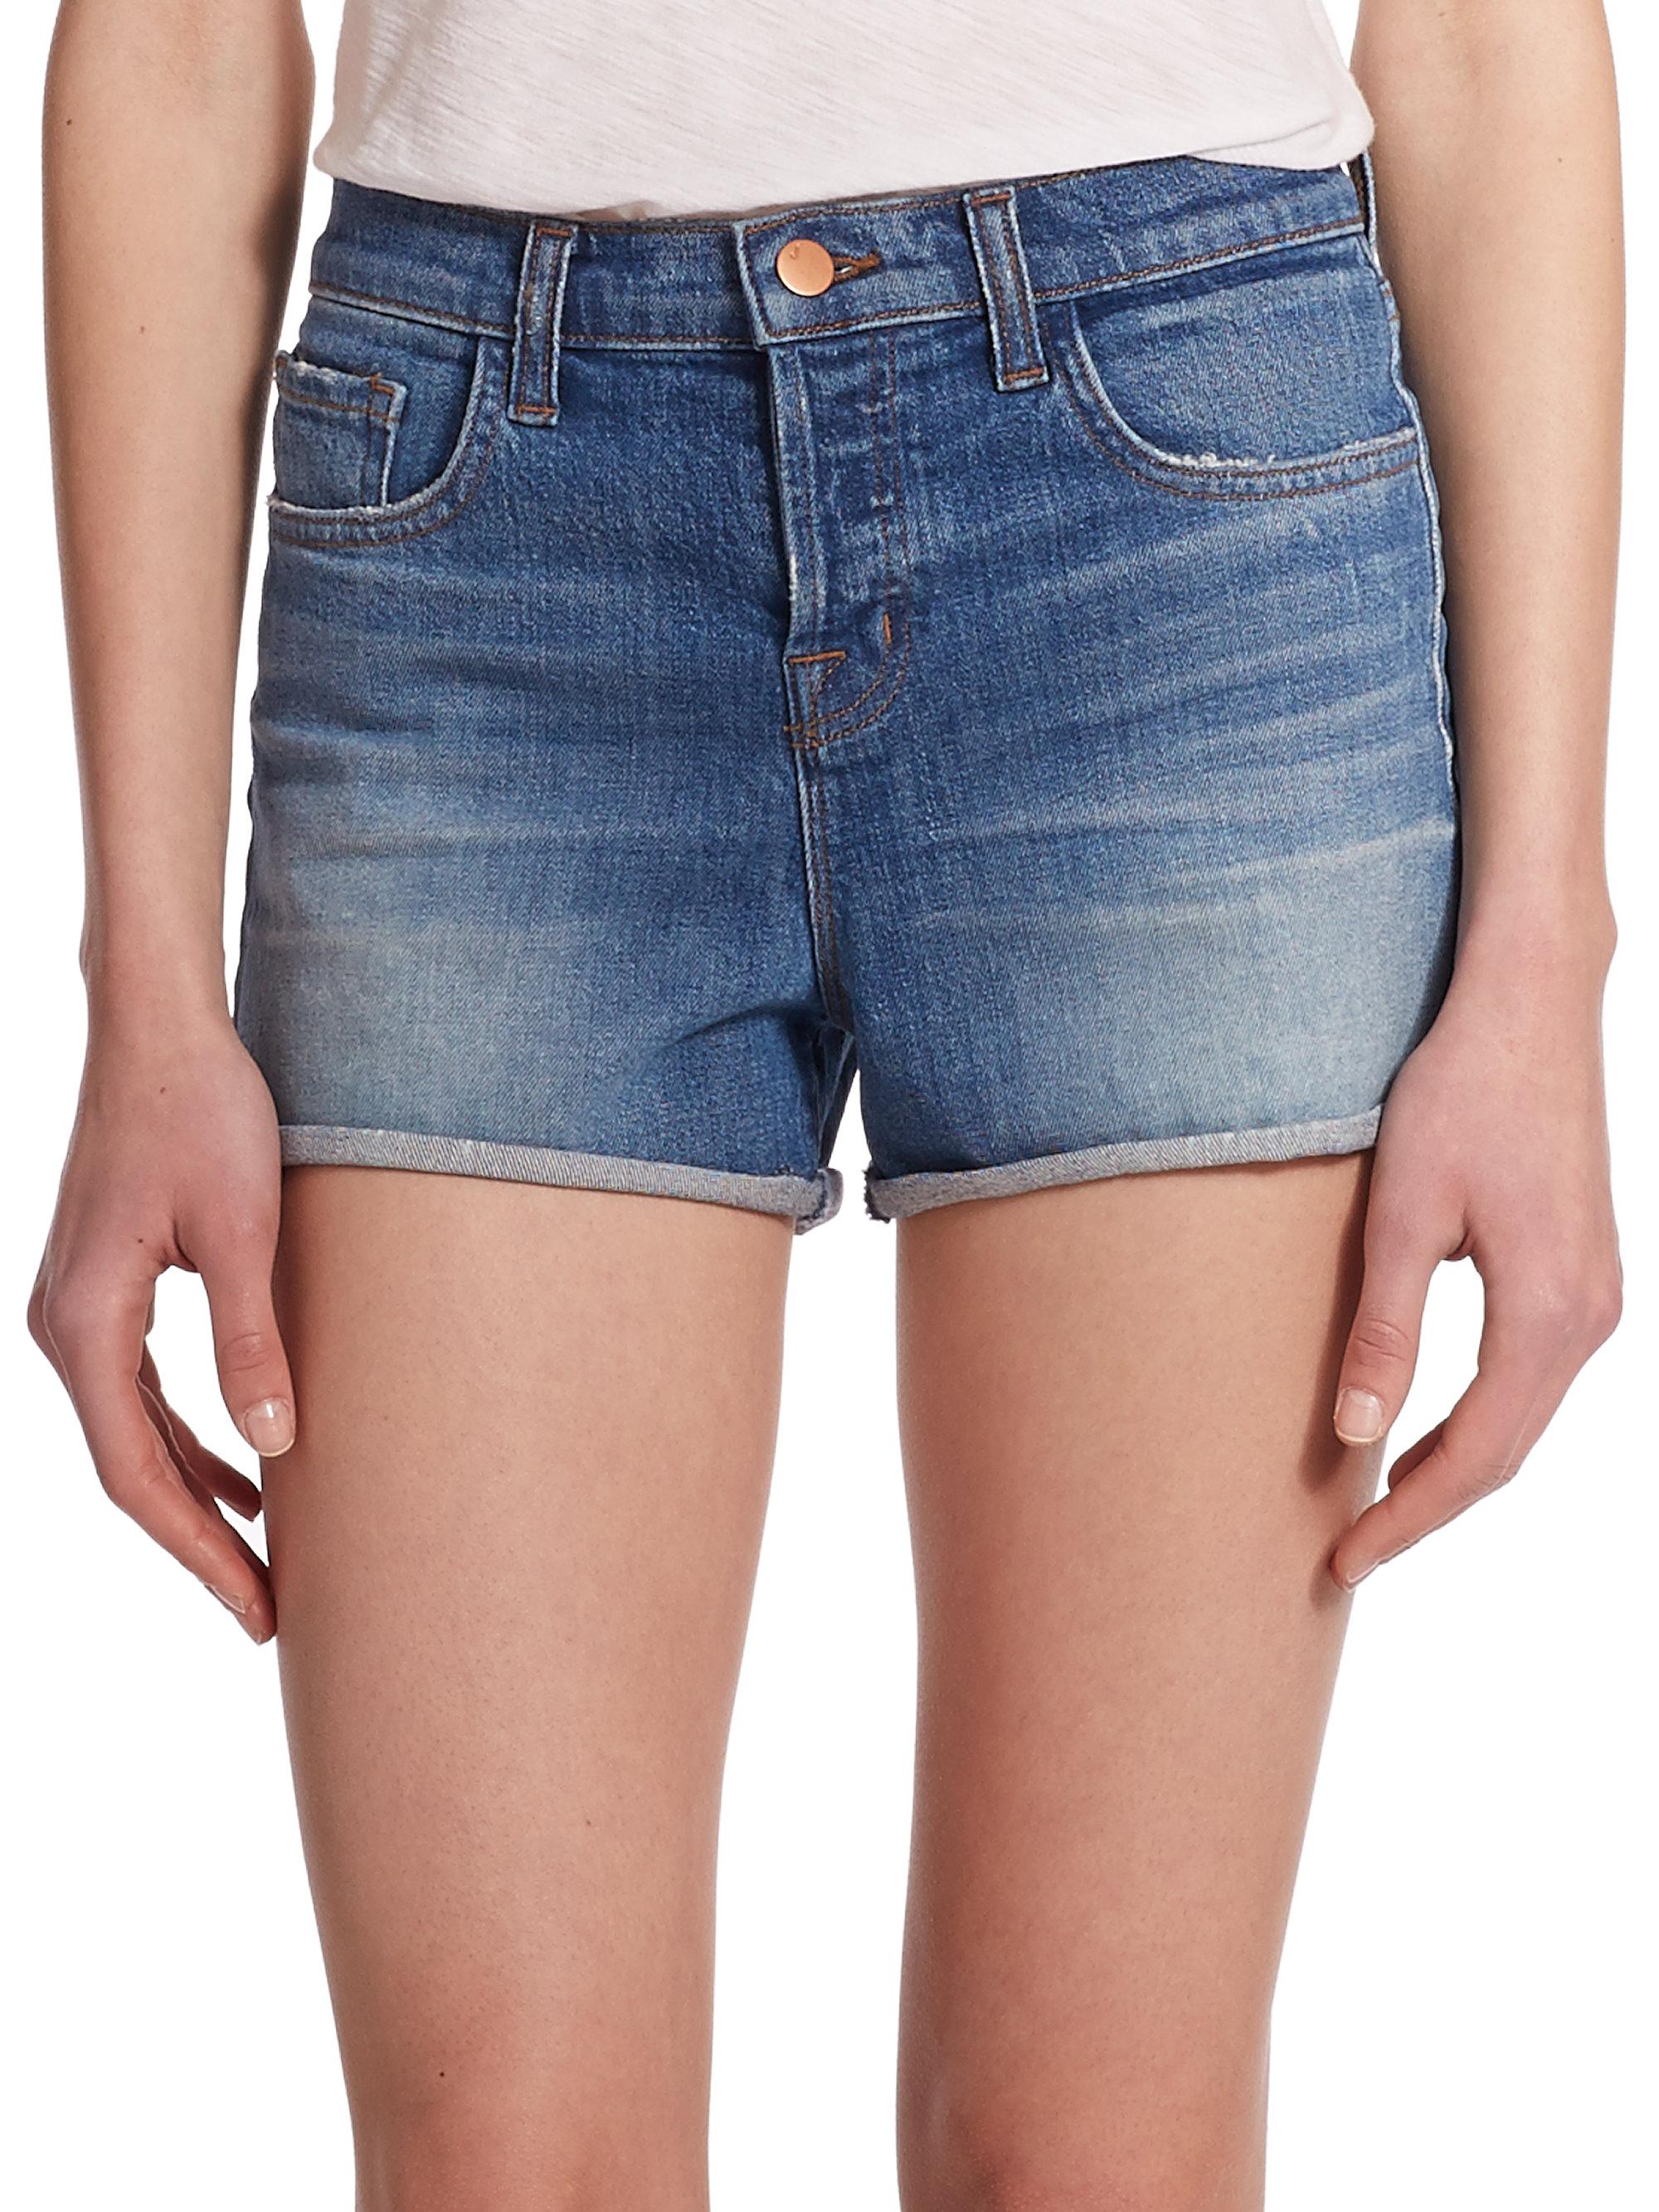 J brand Gracie High-Rise Cuffed Denim Shorts in Blue | Lyst